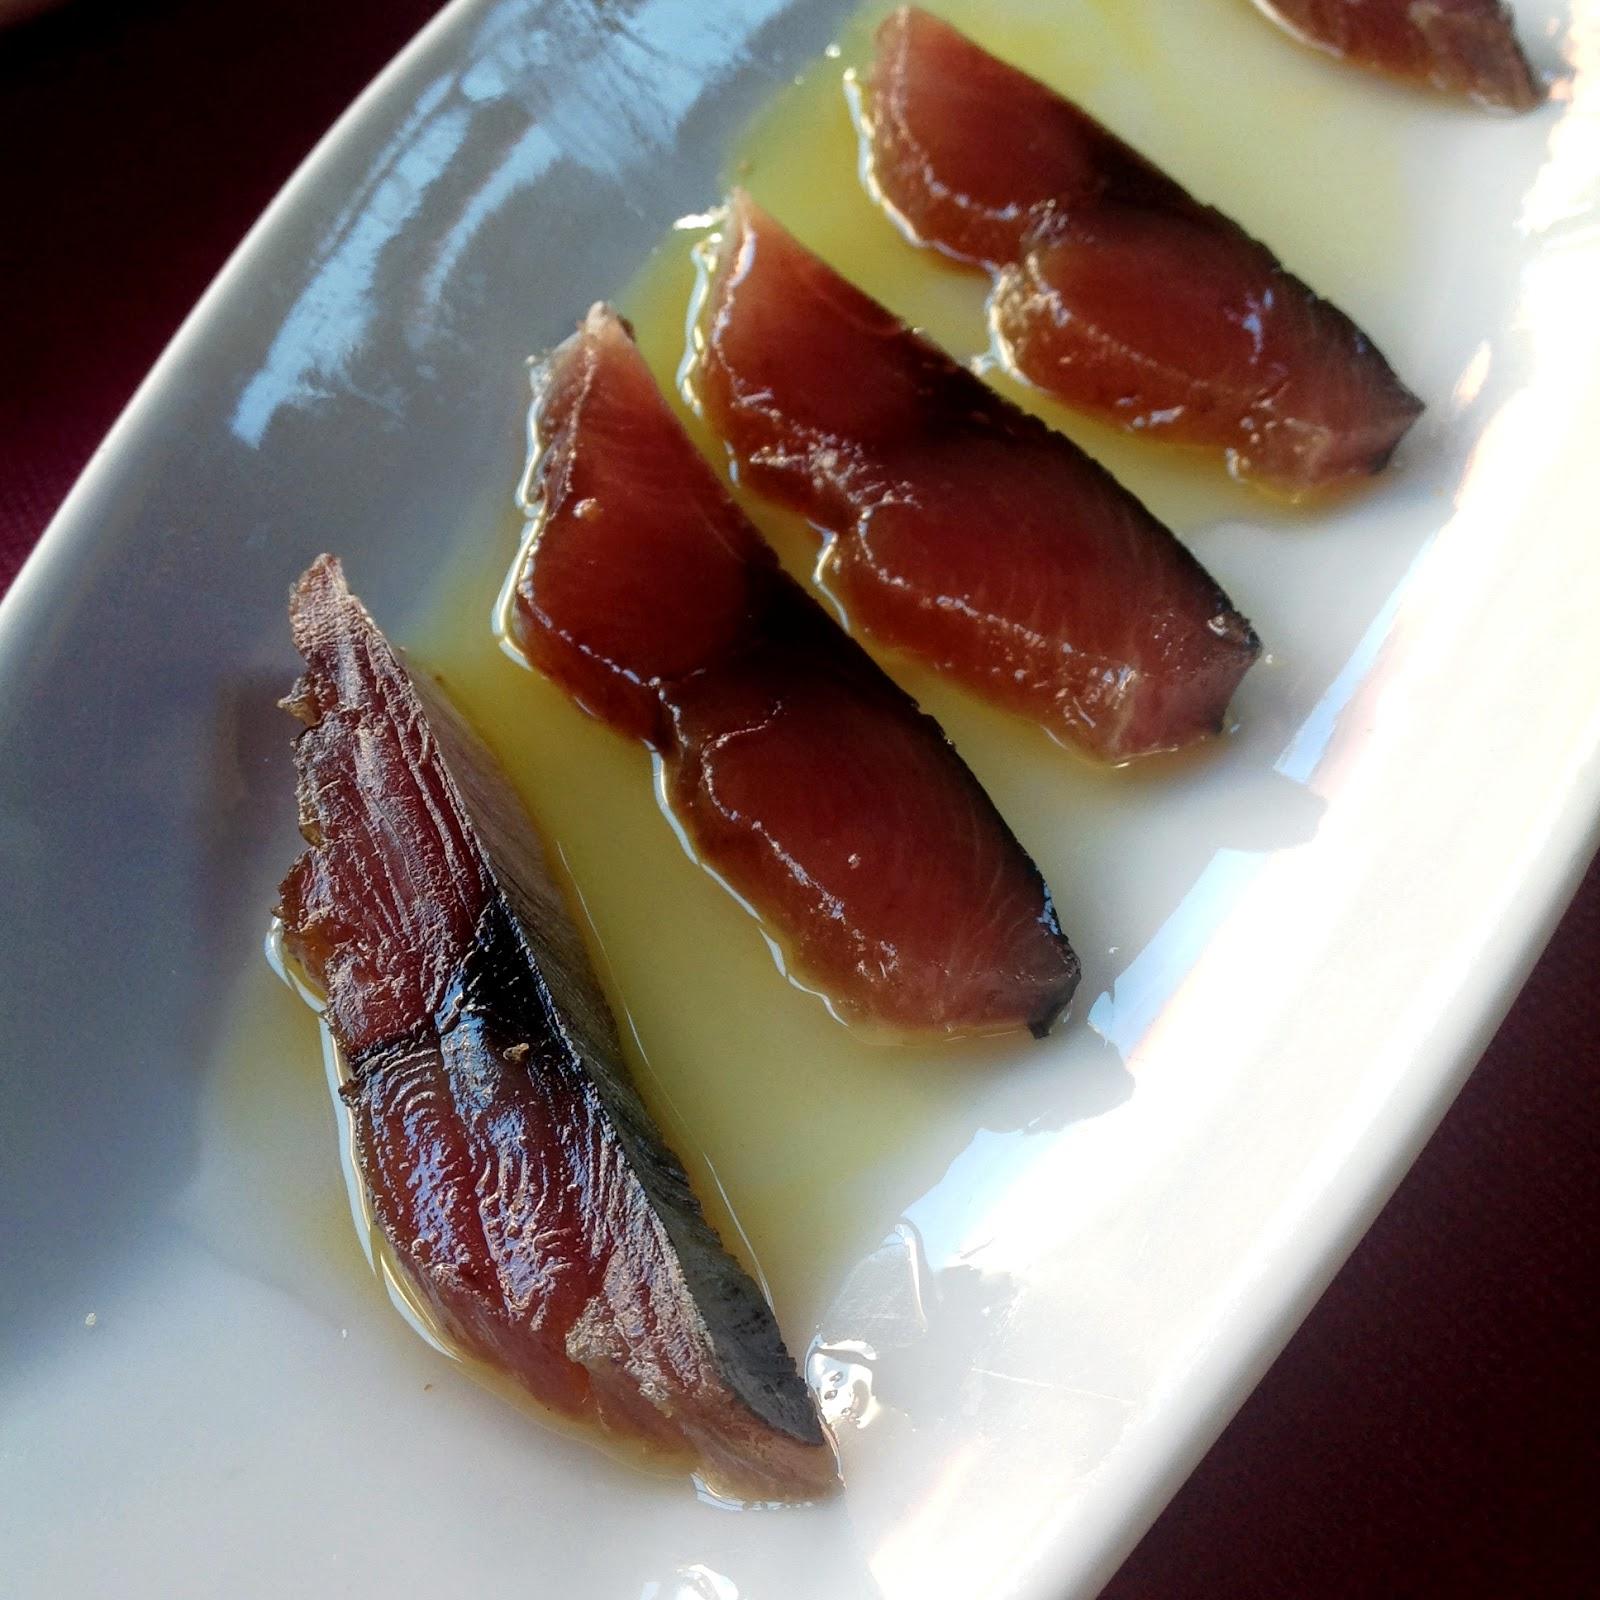 Uno de los salazones típicos de la zona; bonito curado con un buen chorro de aceite de oliva virgen extra